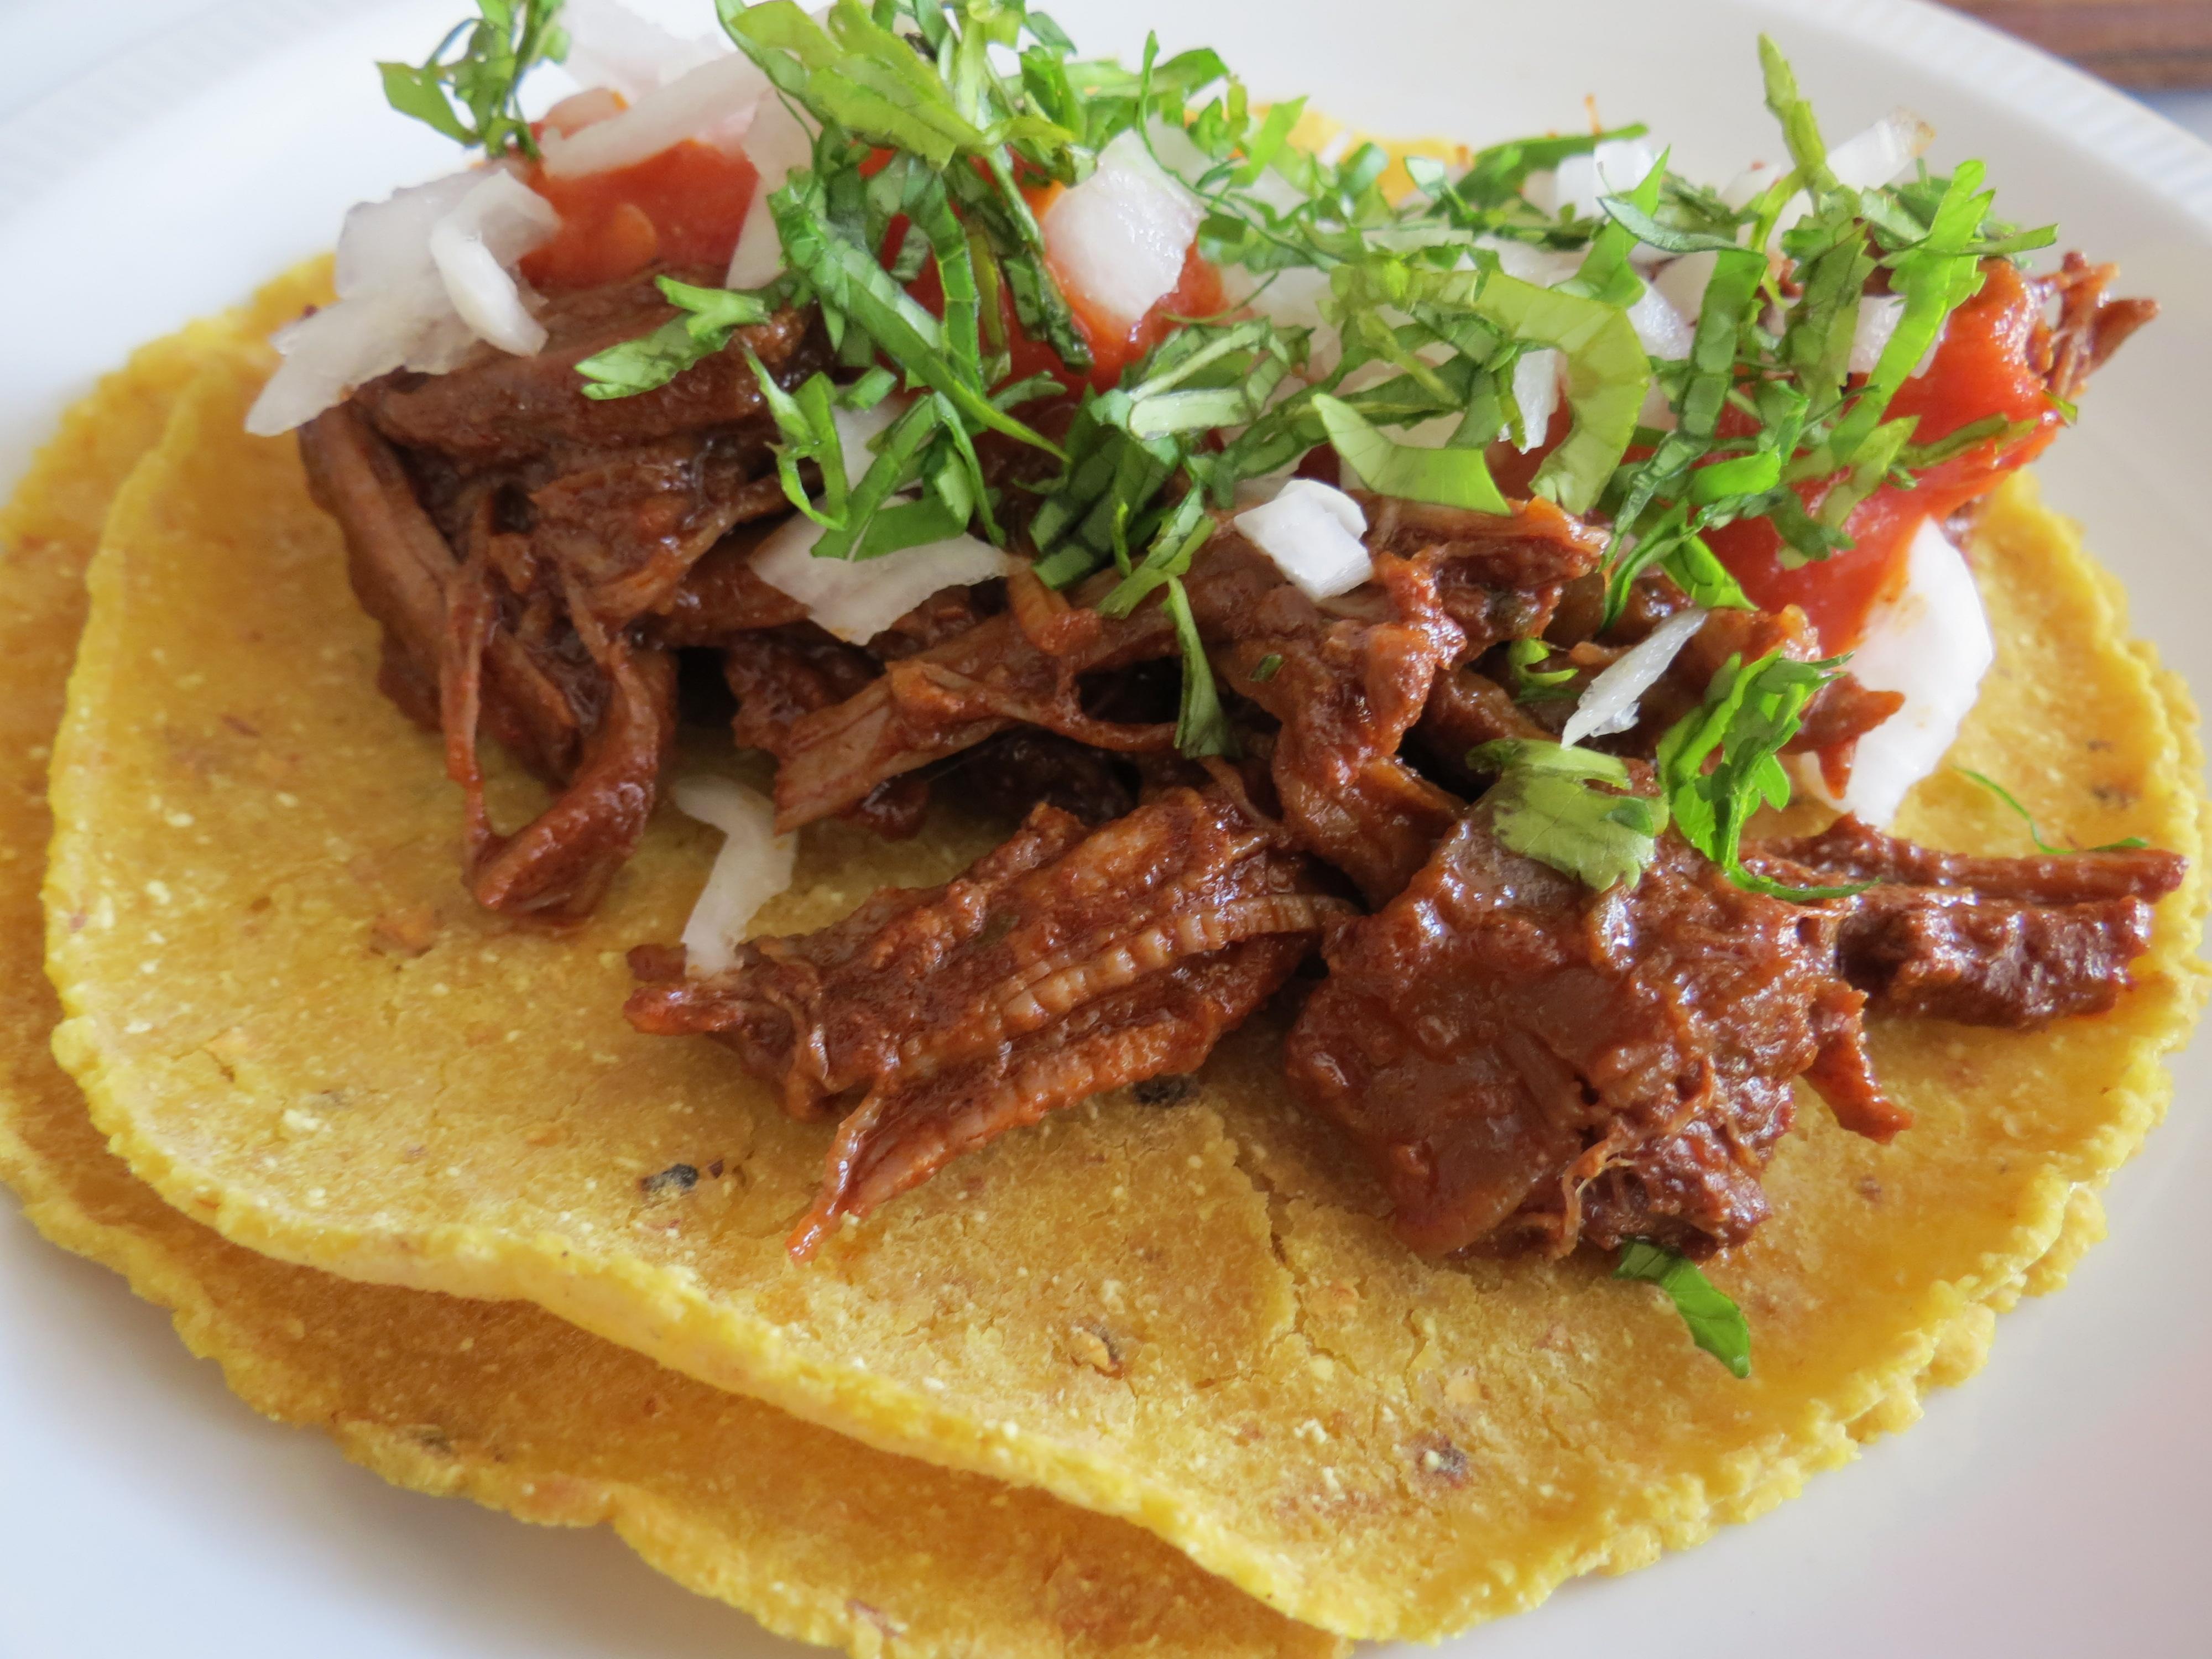 Tacos de birria de res the frugal chef for Como cocinar carne de chivo